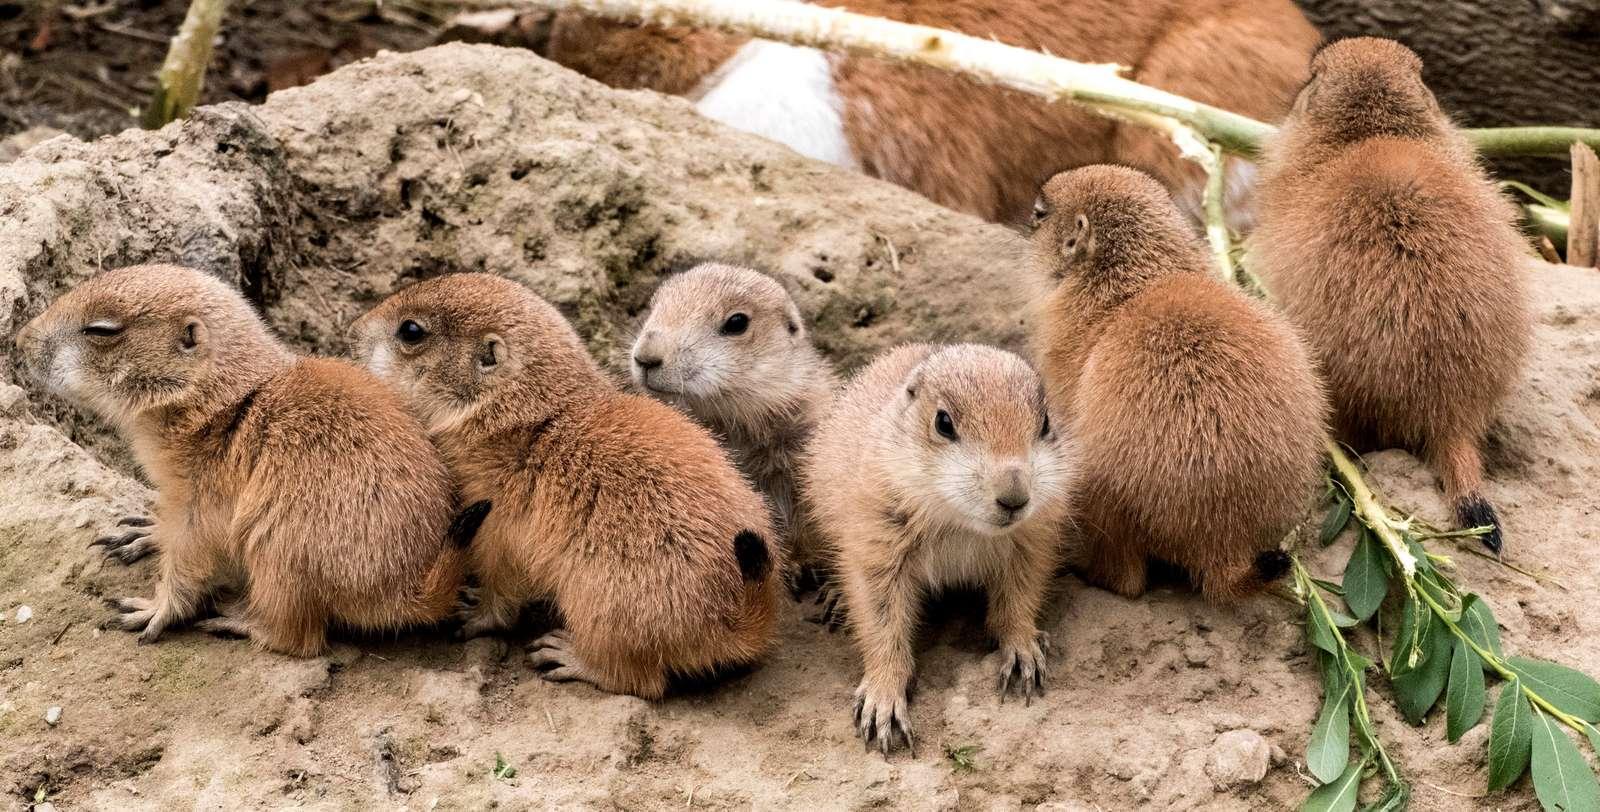 """Unsere Präriehund-Familie ist gewachsen  - Fotos: H. Meierjohann - Gleich mehrere Jungtiere sind """"ausgeflogen"""""""